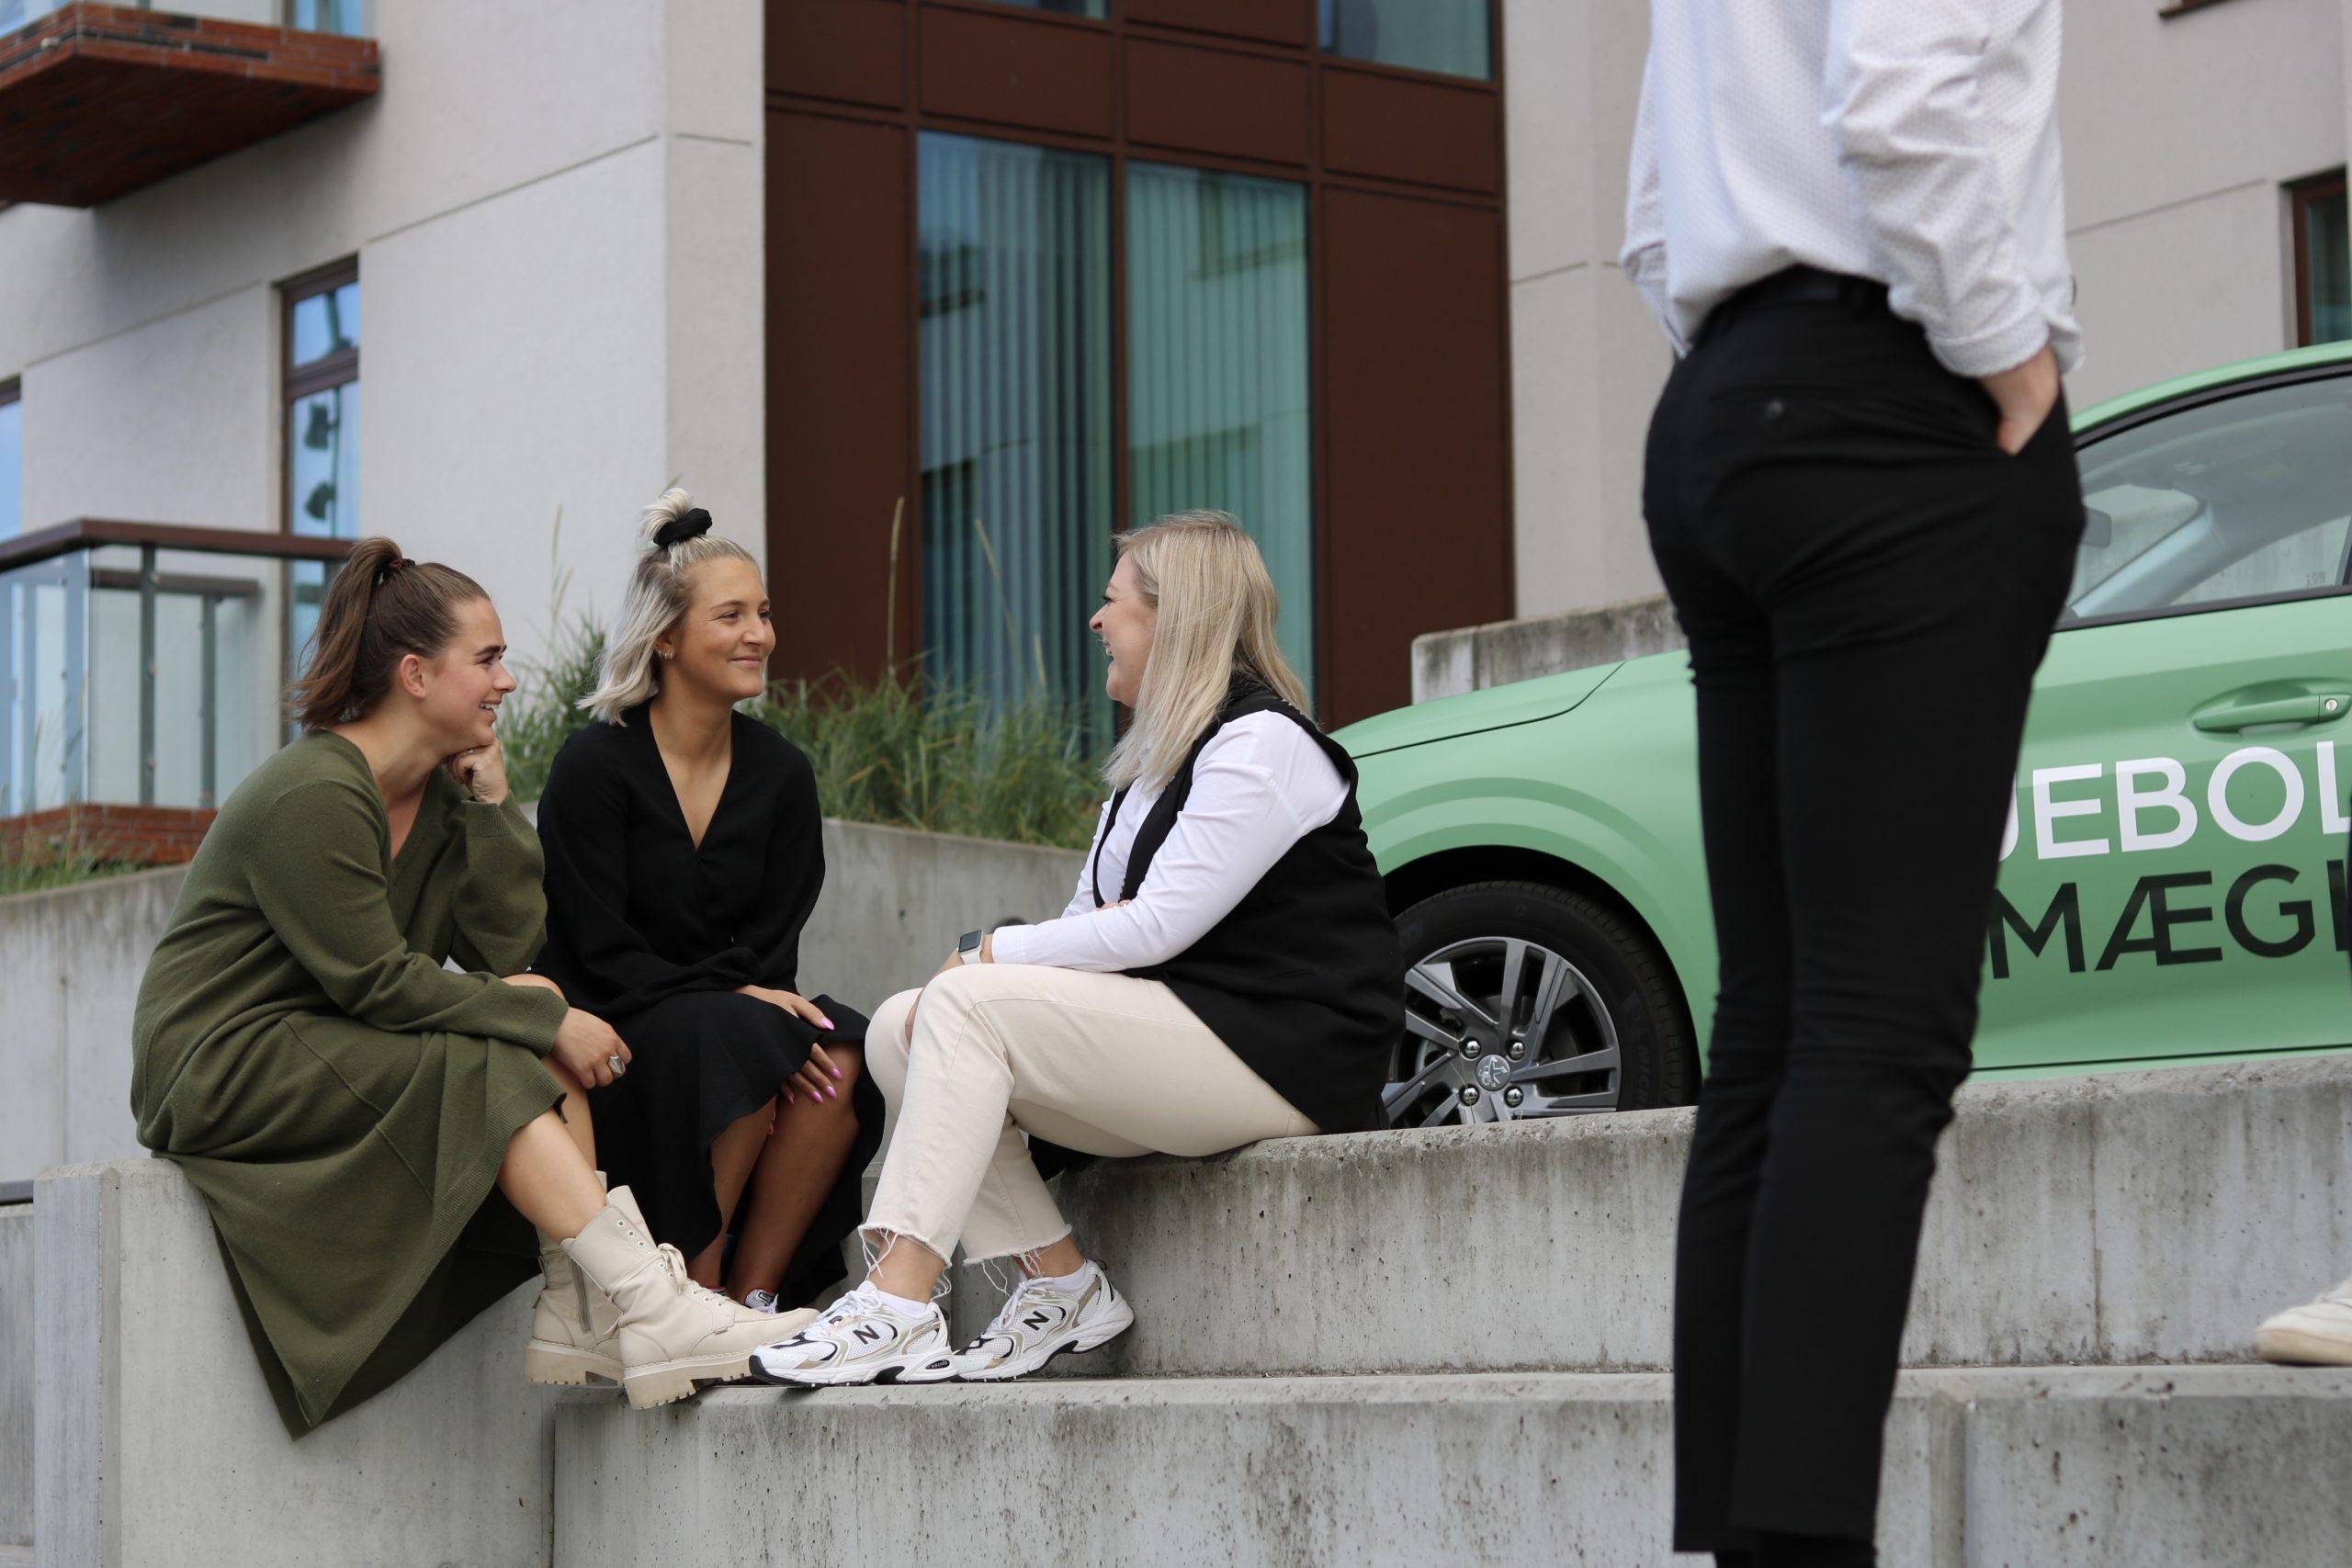 Store nyheder på lejeboligmarkedet: Lejeboligmægleren åbner kontor i Aarhus